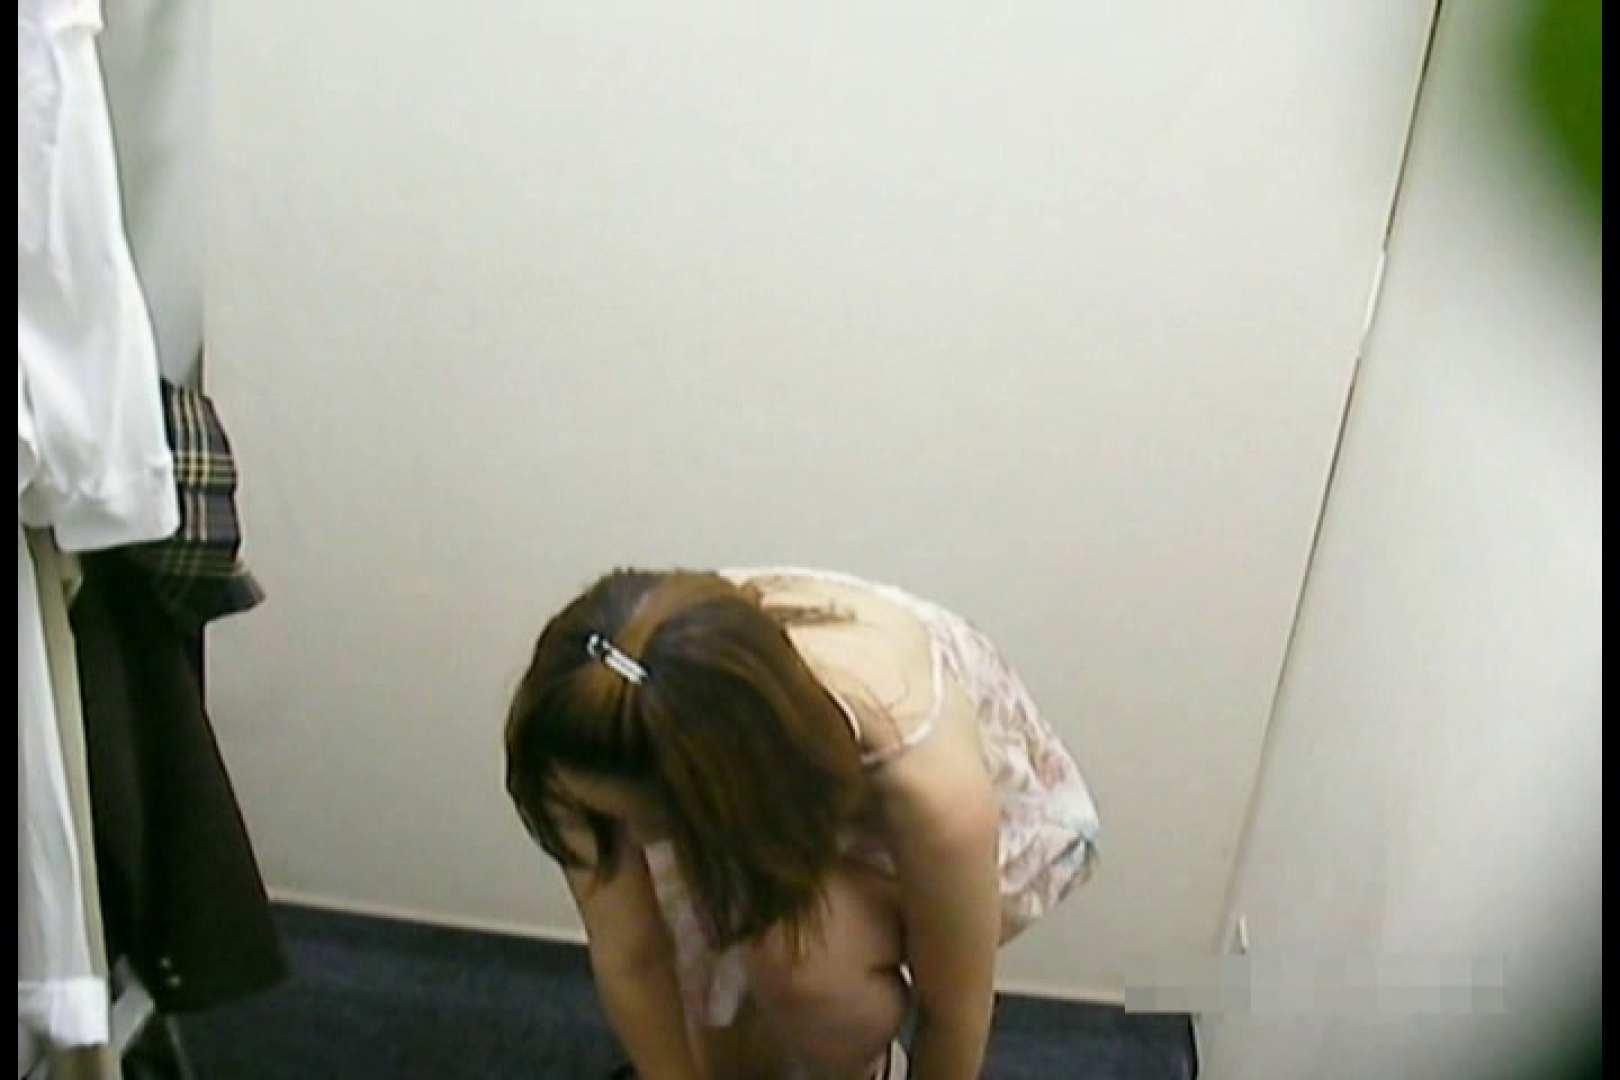 素人撮影 下着だけの撮影のはずが・・・愛22歳 丸見えマンコ 隠し撮りオマンコ動画紹介 55PIX 55